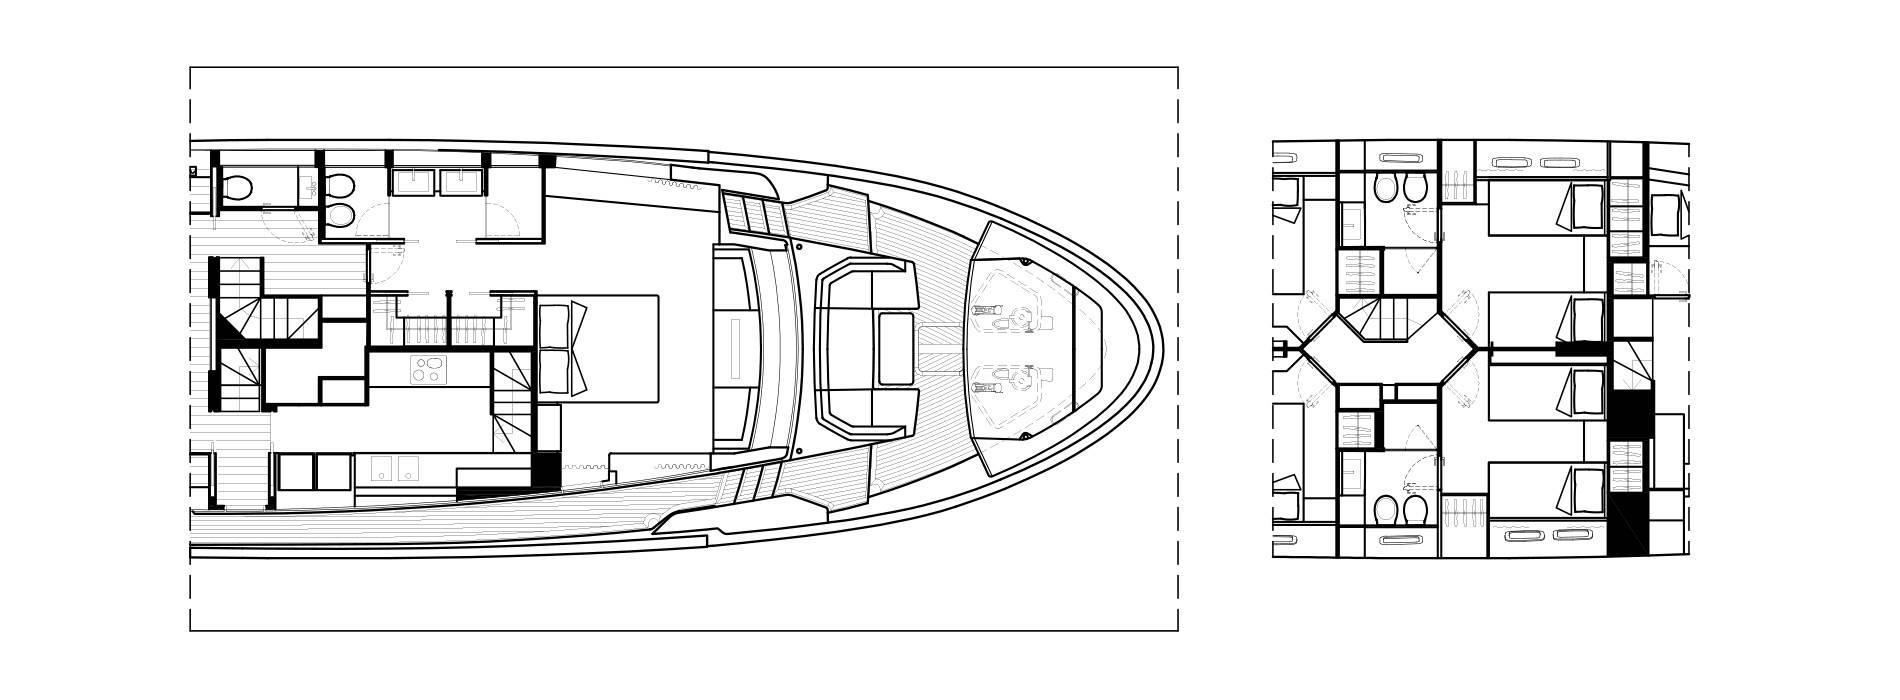 Sanlorenzo Yachts SL102 Asymmetric Details